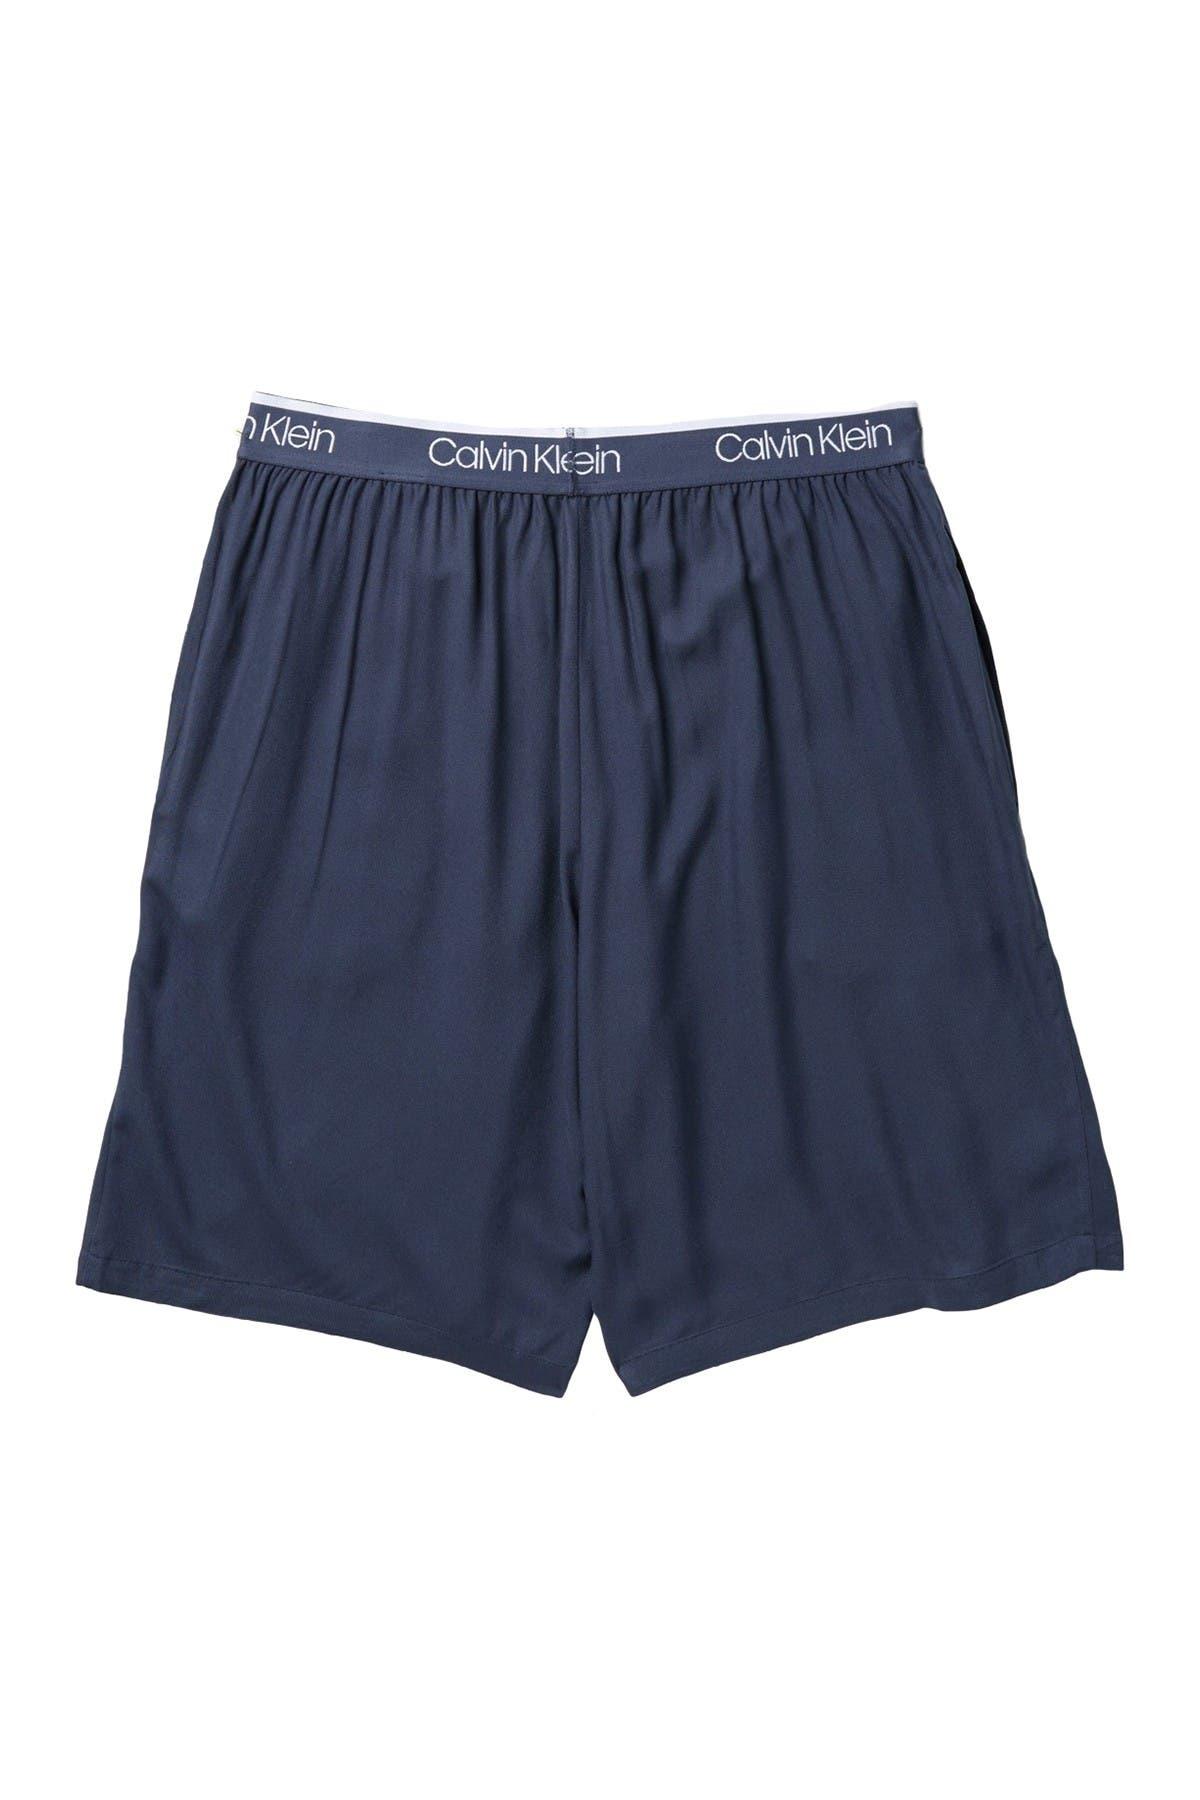 Image of Calvin Klein Woven Boxers